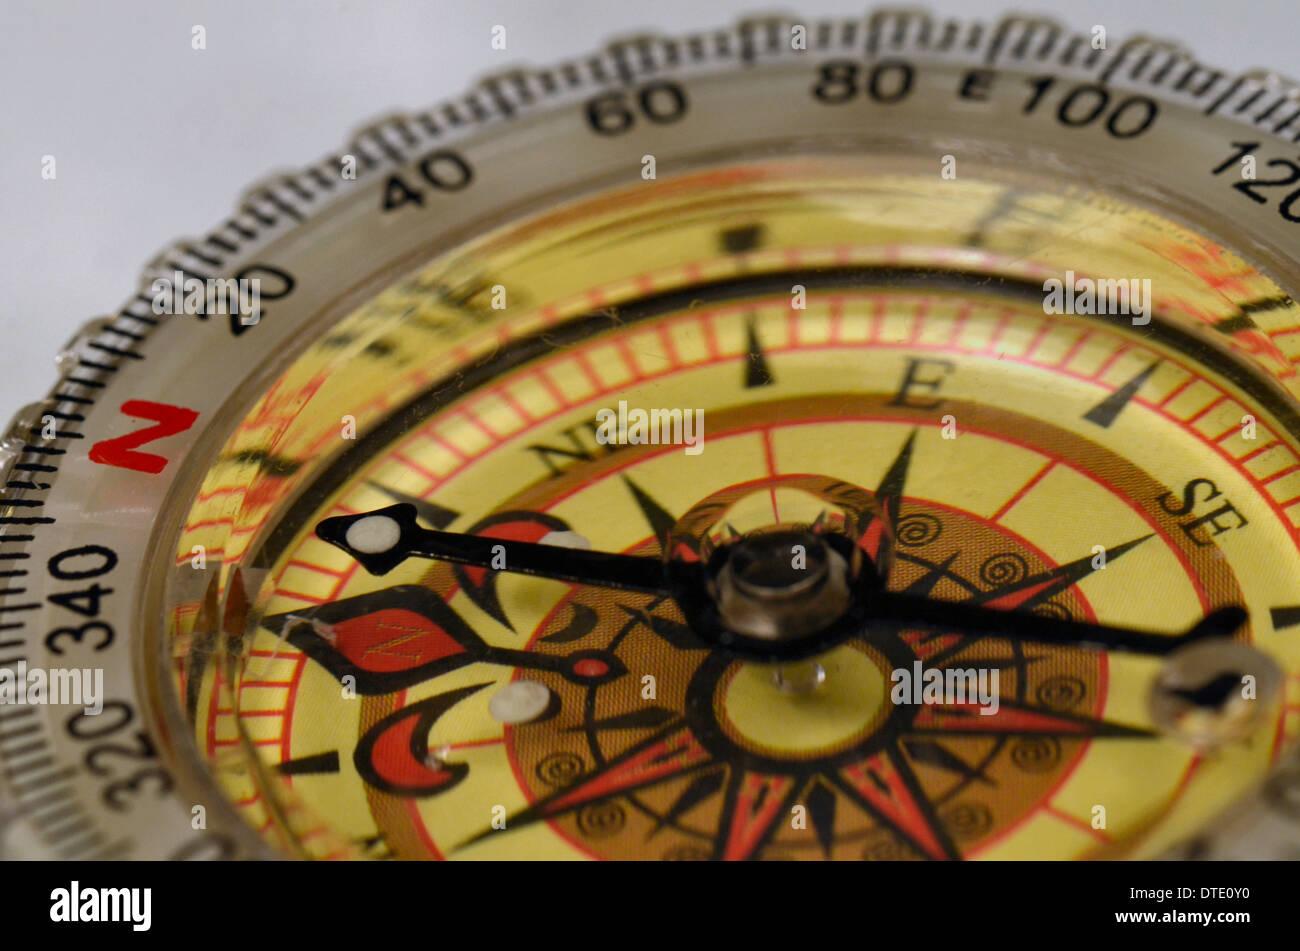 Capacità di sopravvivenza concetto - Close-up di compass rose e cuscinetto magnetico. Concetto di navigazione. Immagini Stock